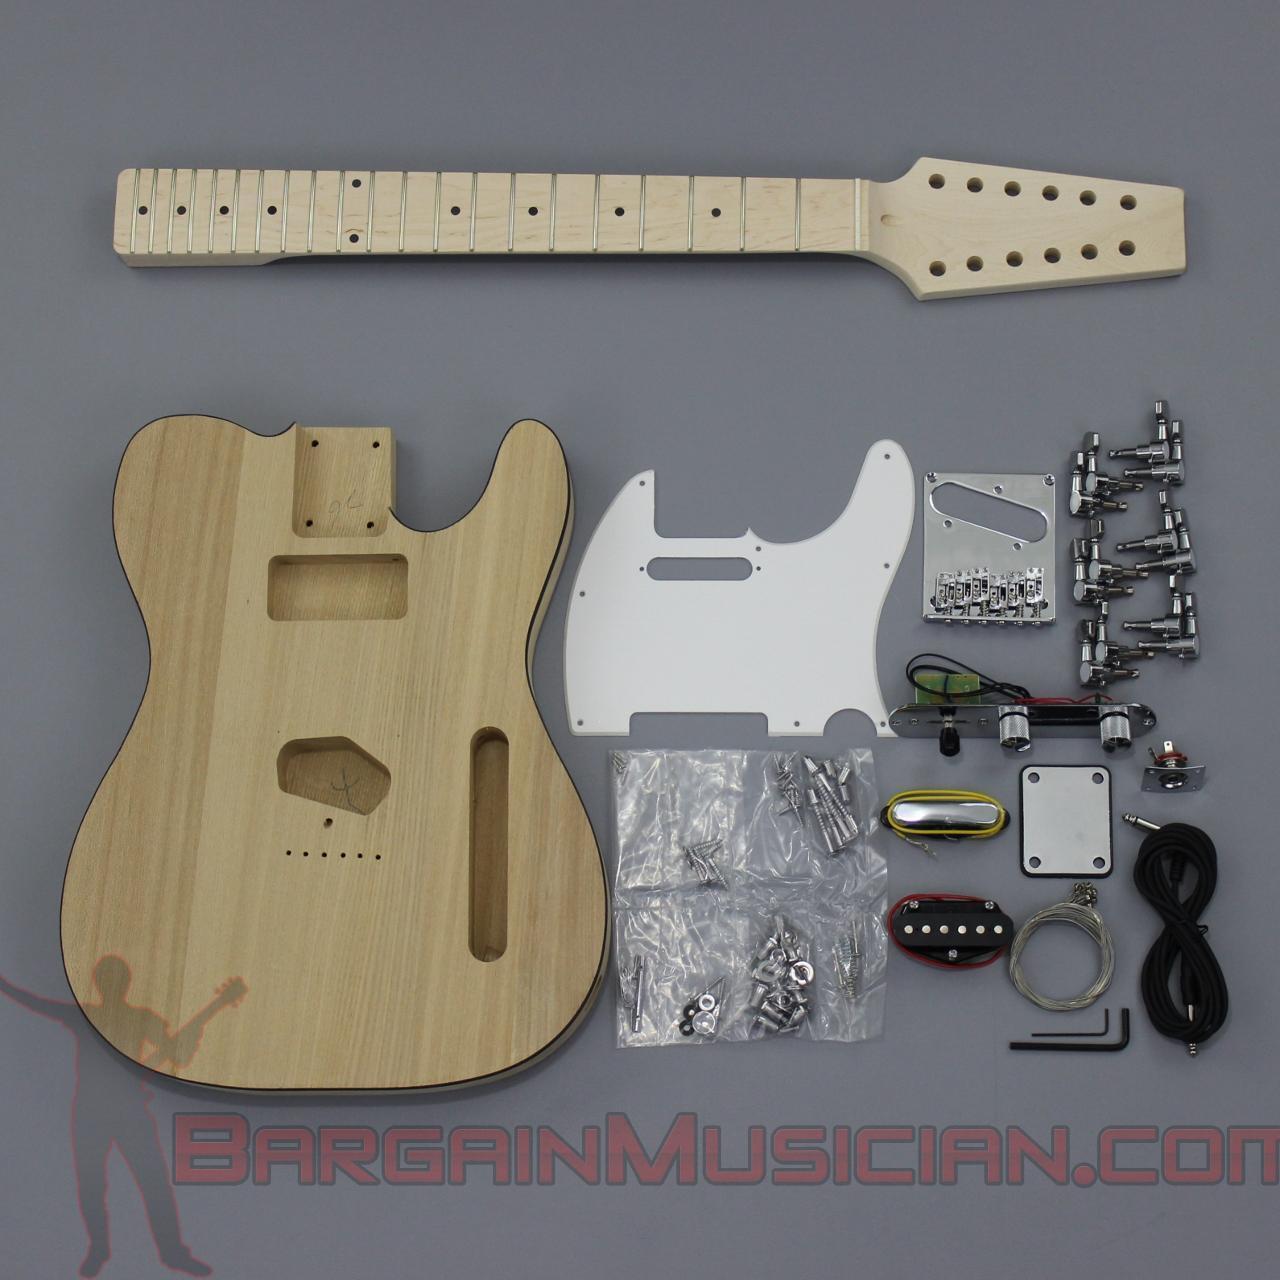 Bargain Musician - GK-024 - DIY Unfinished Project Luthier Guitar Kit